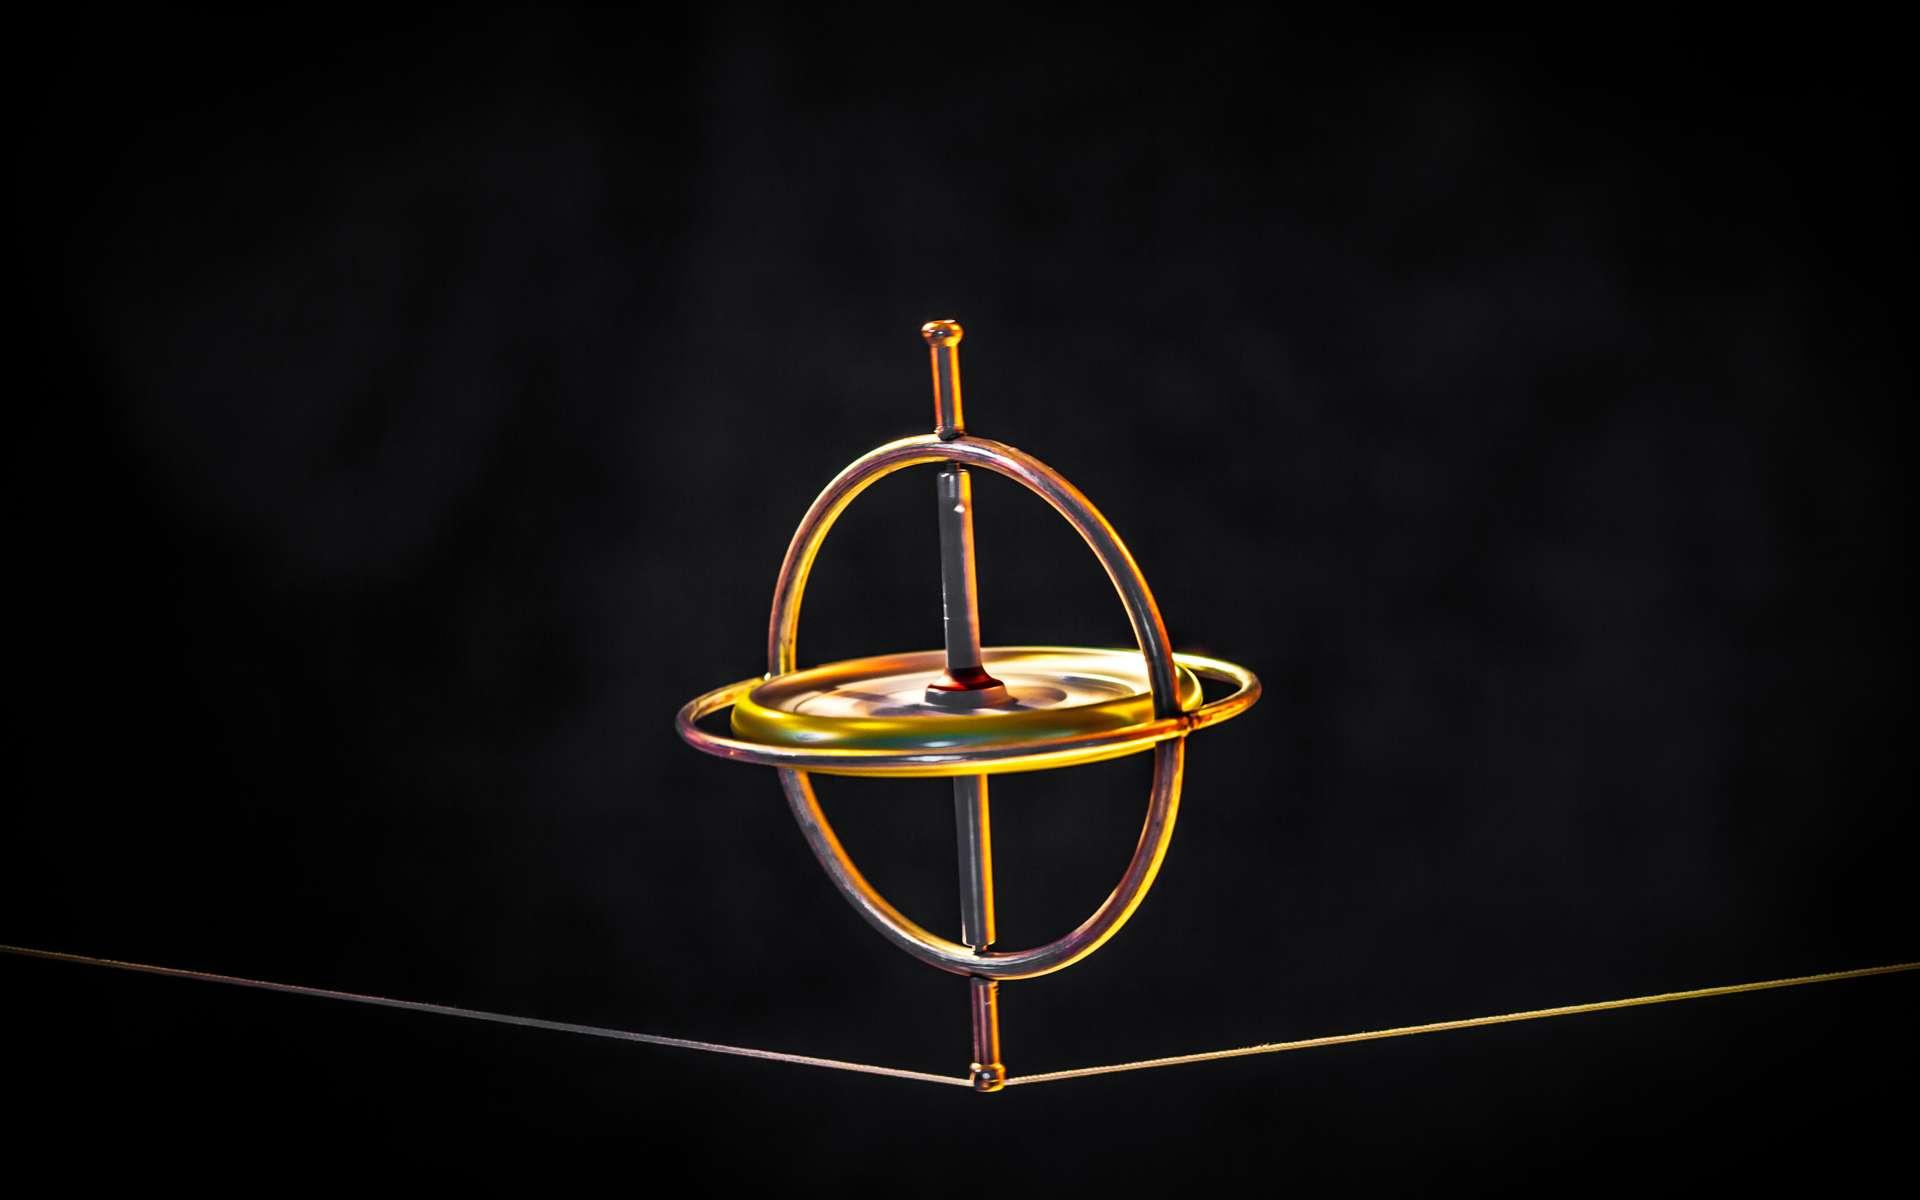 Le physicien Léon Foucault démontre le phénomène des courants magnétiques terrestres et invente le gyroscope. © Tom, Adobe Stock